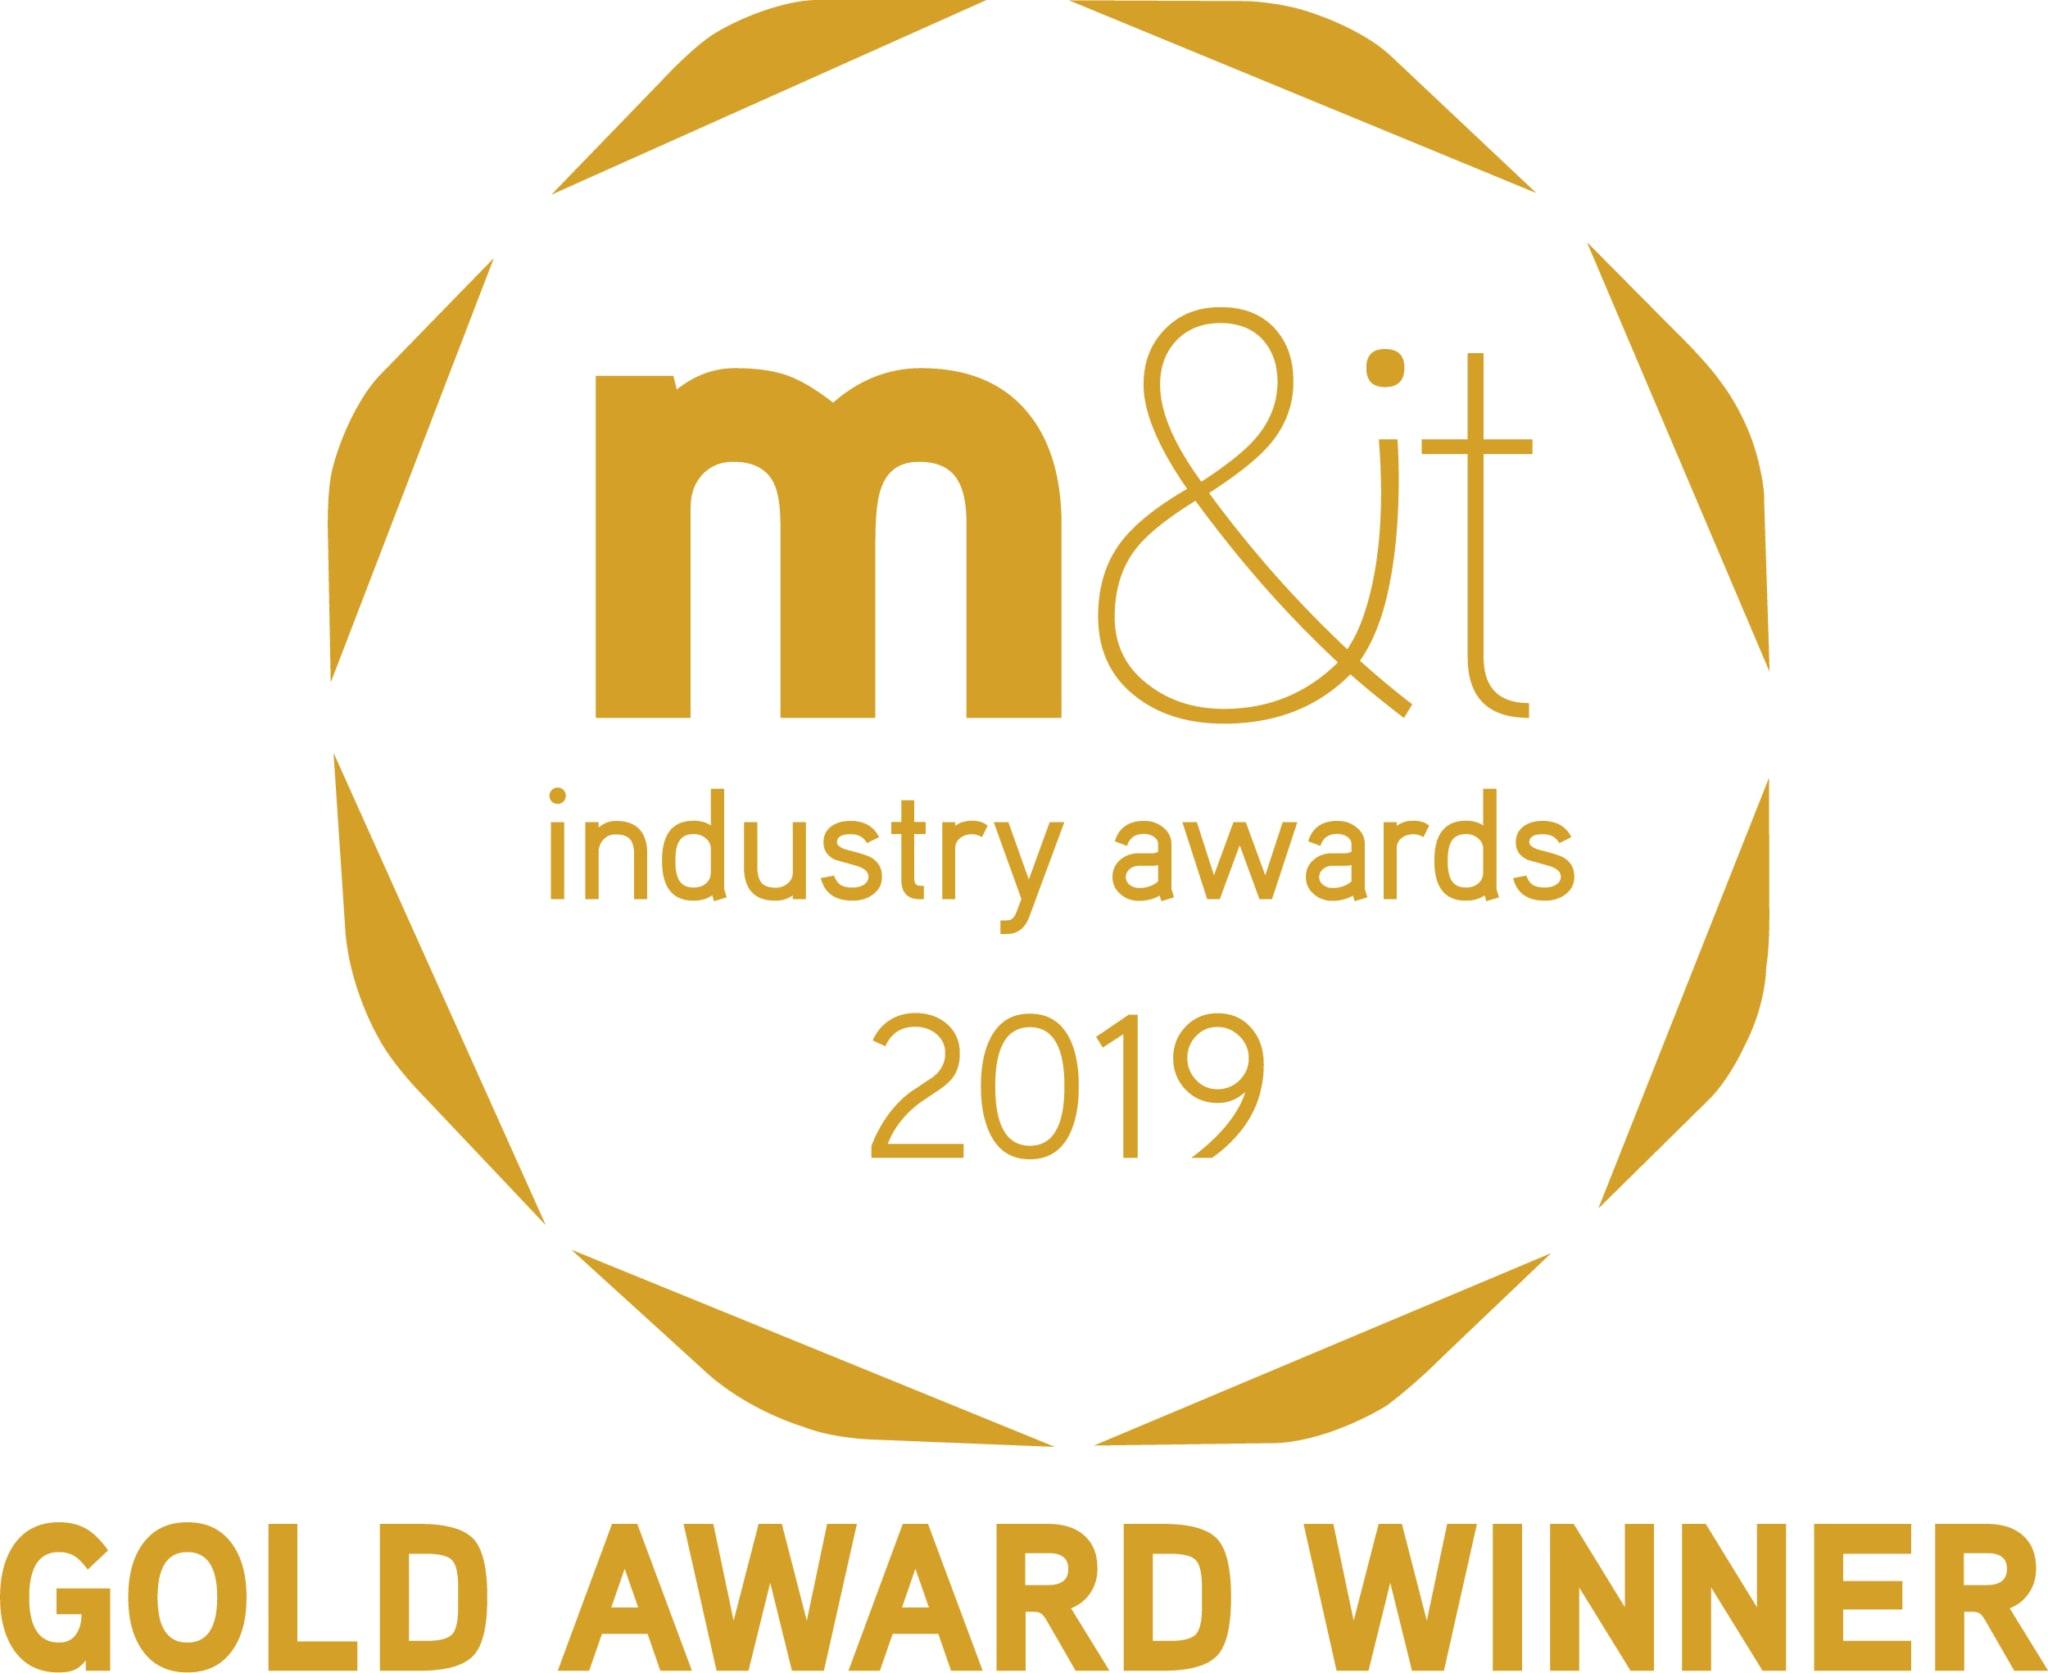 Mit Awards Gold Winner 2019